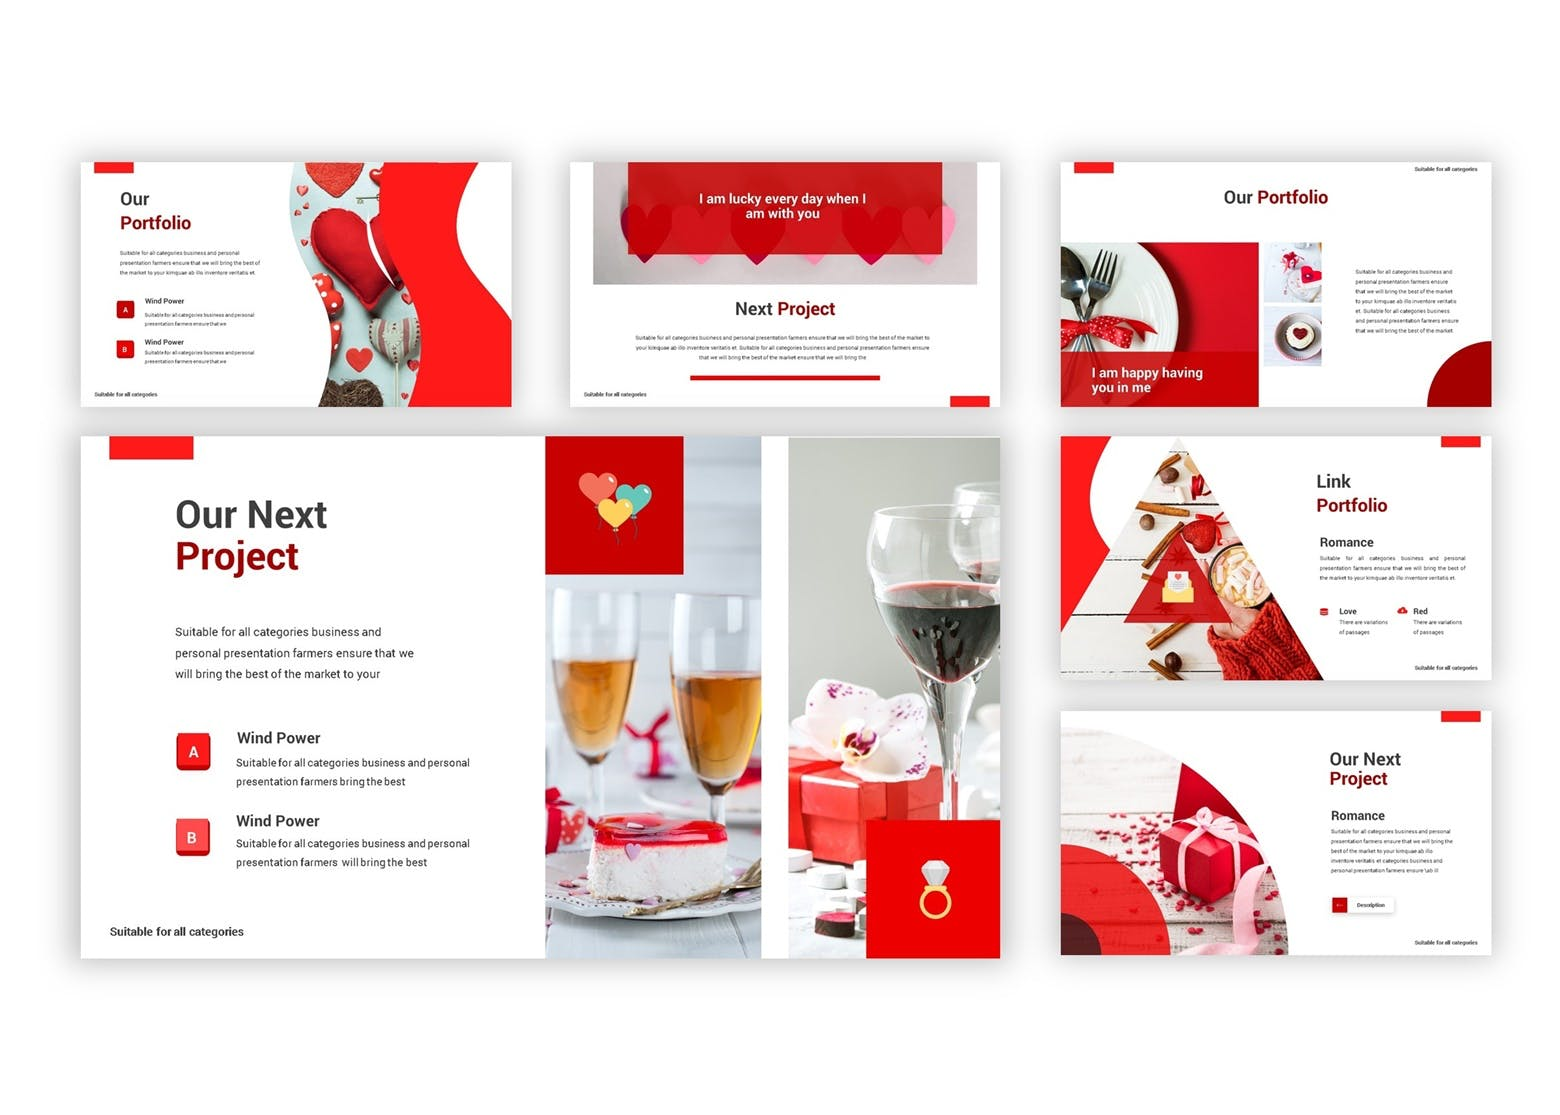 产品市场调研数据集PPT幻灯片模板下载Valentine Google Slides Template插图(4)